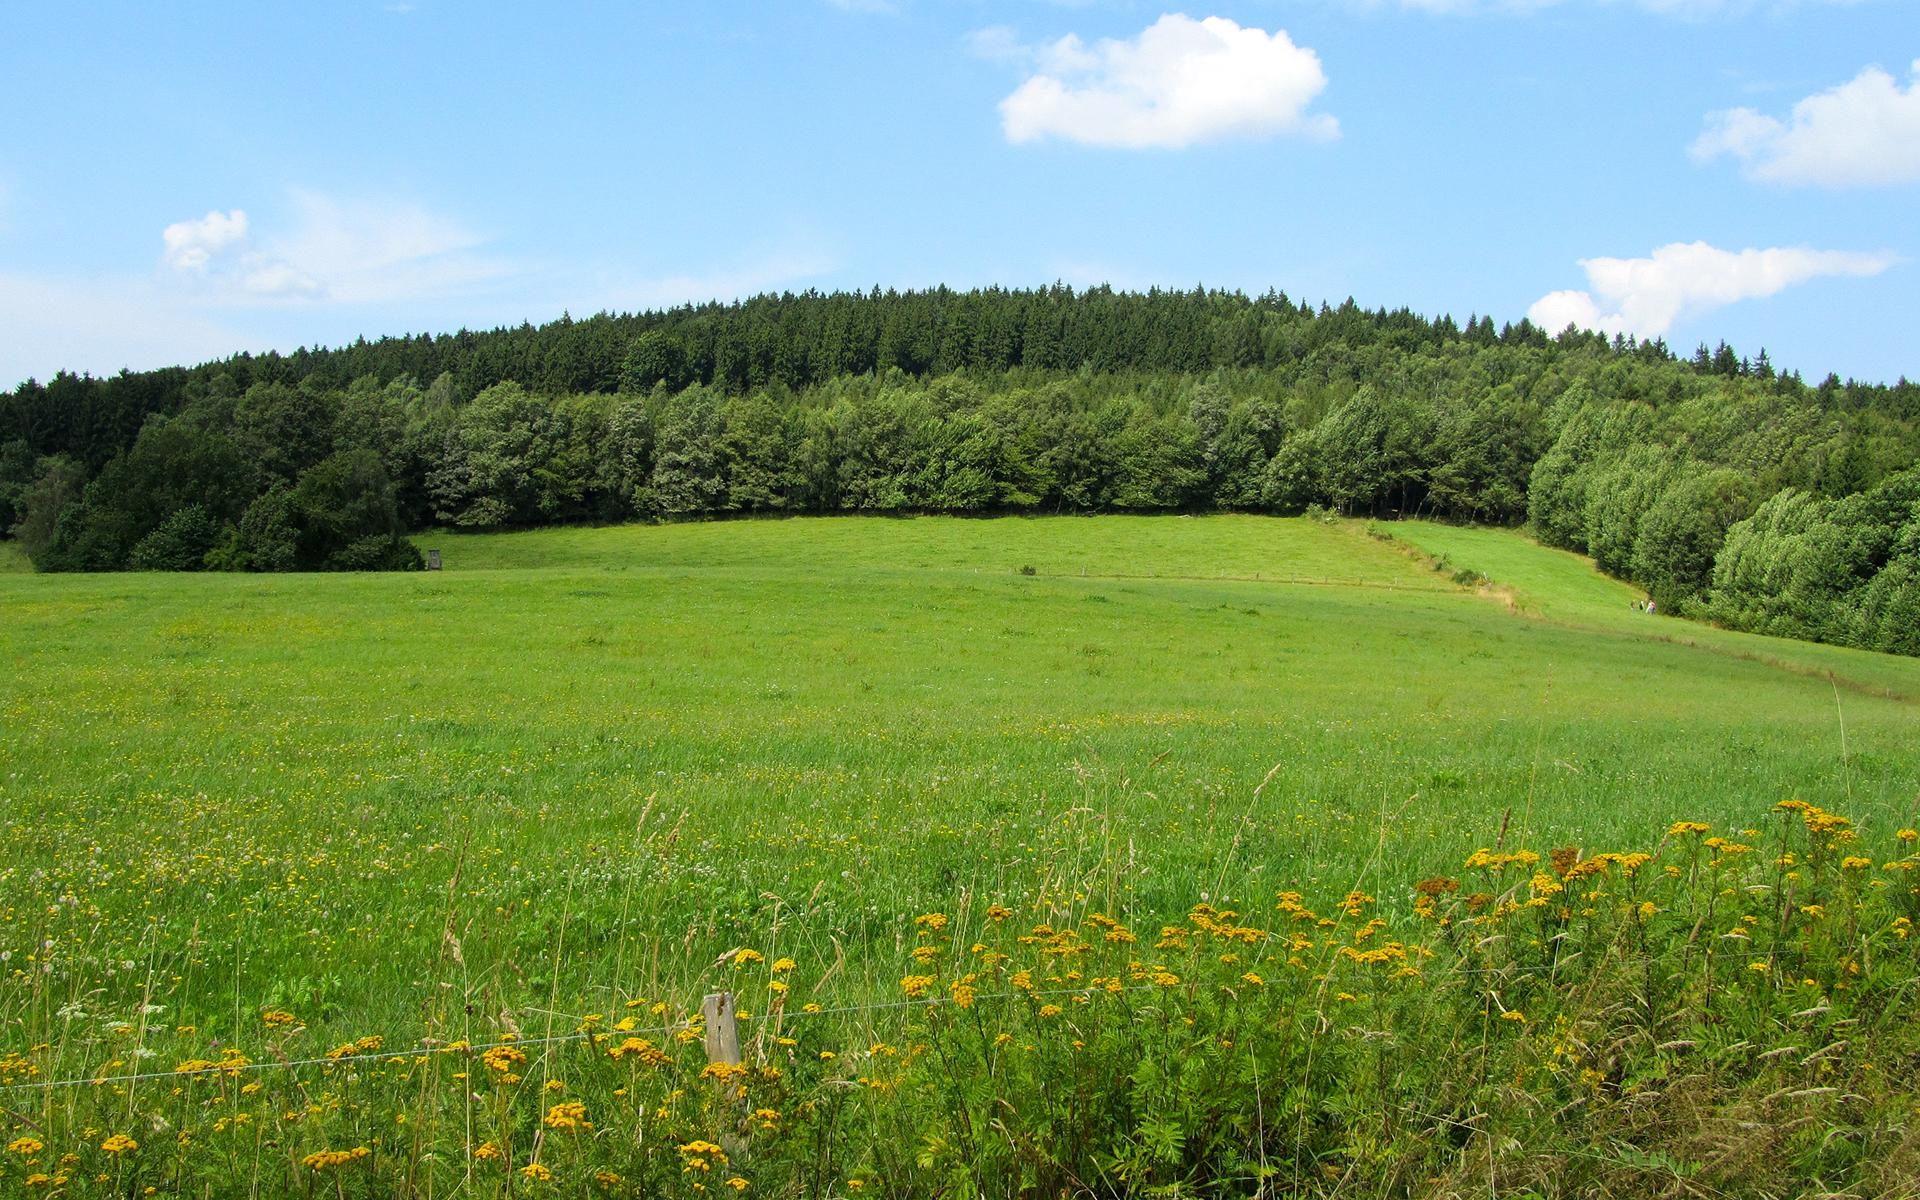 Grassland Wallpaper